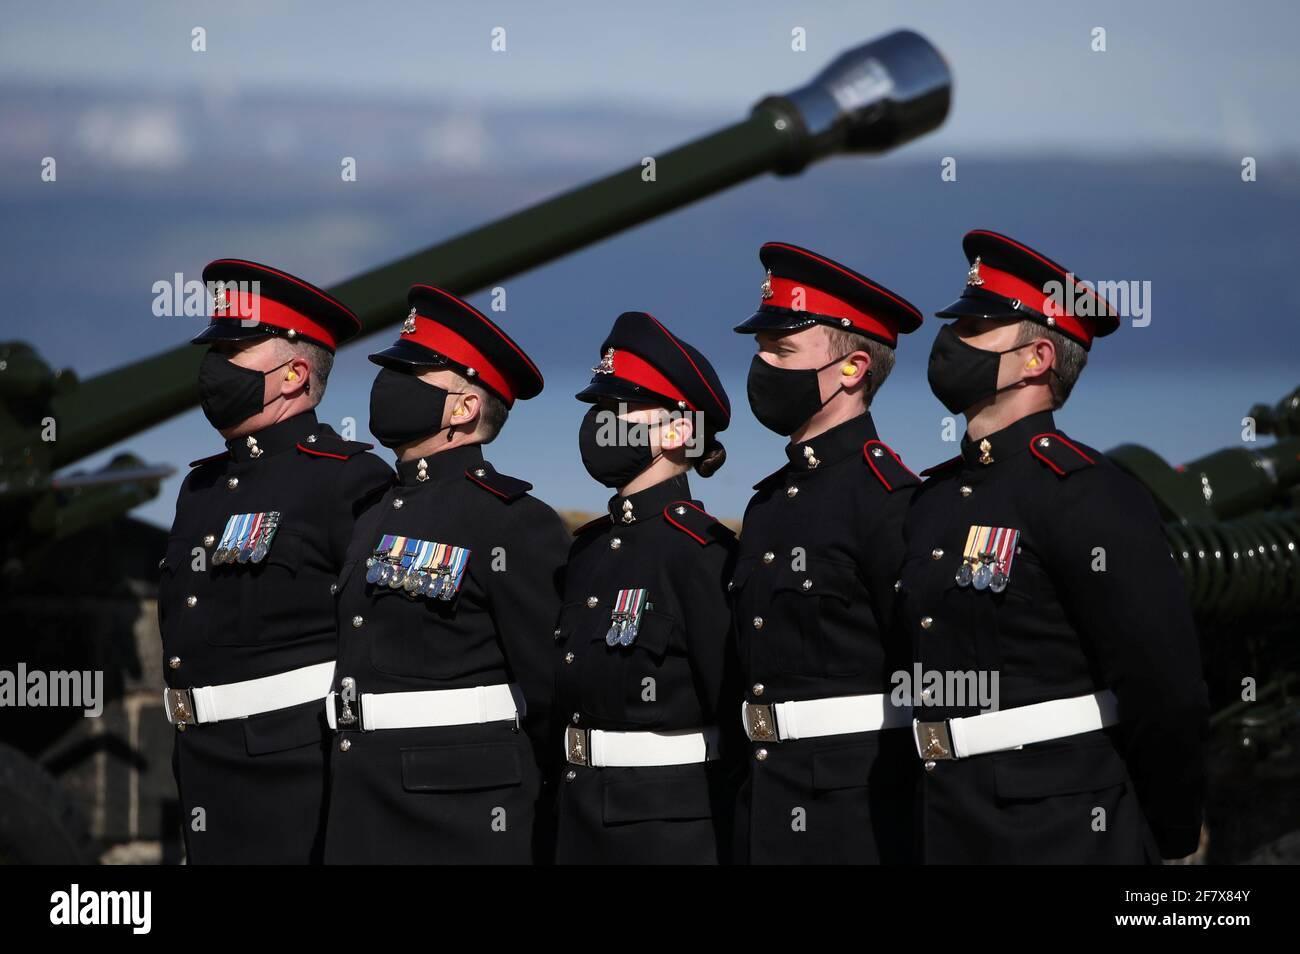 I membri del 105° Regiment Royal Artillery frequentano un saluto con armi da fuoco per celebrare la morte del Principe Filippo, marito della Regina Elisabetta, al Castello di Edimburgo, in Gran Bretagna, il 10 aprile 2021. Andrew Milligan/Pool via REUTERS Foto Stock